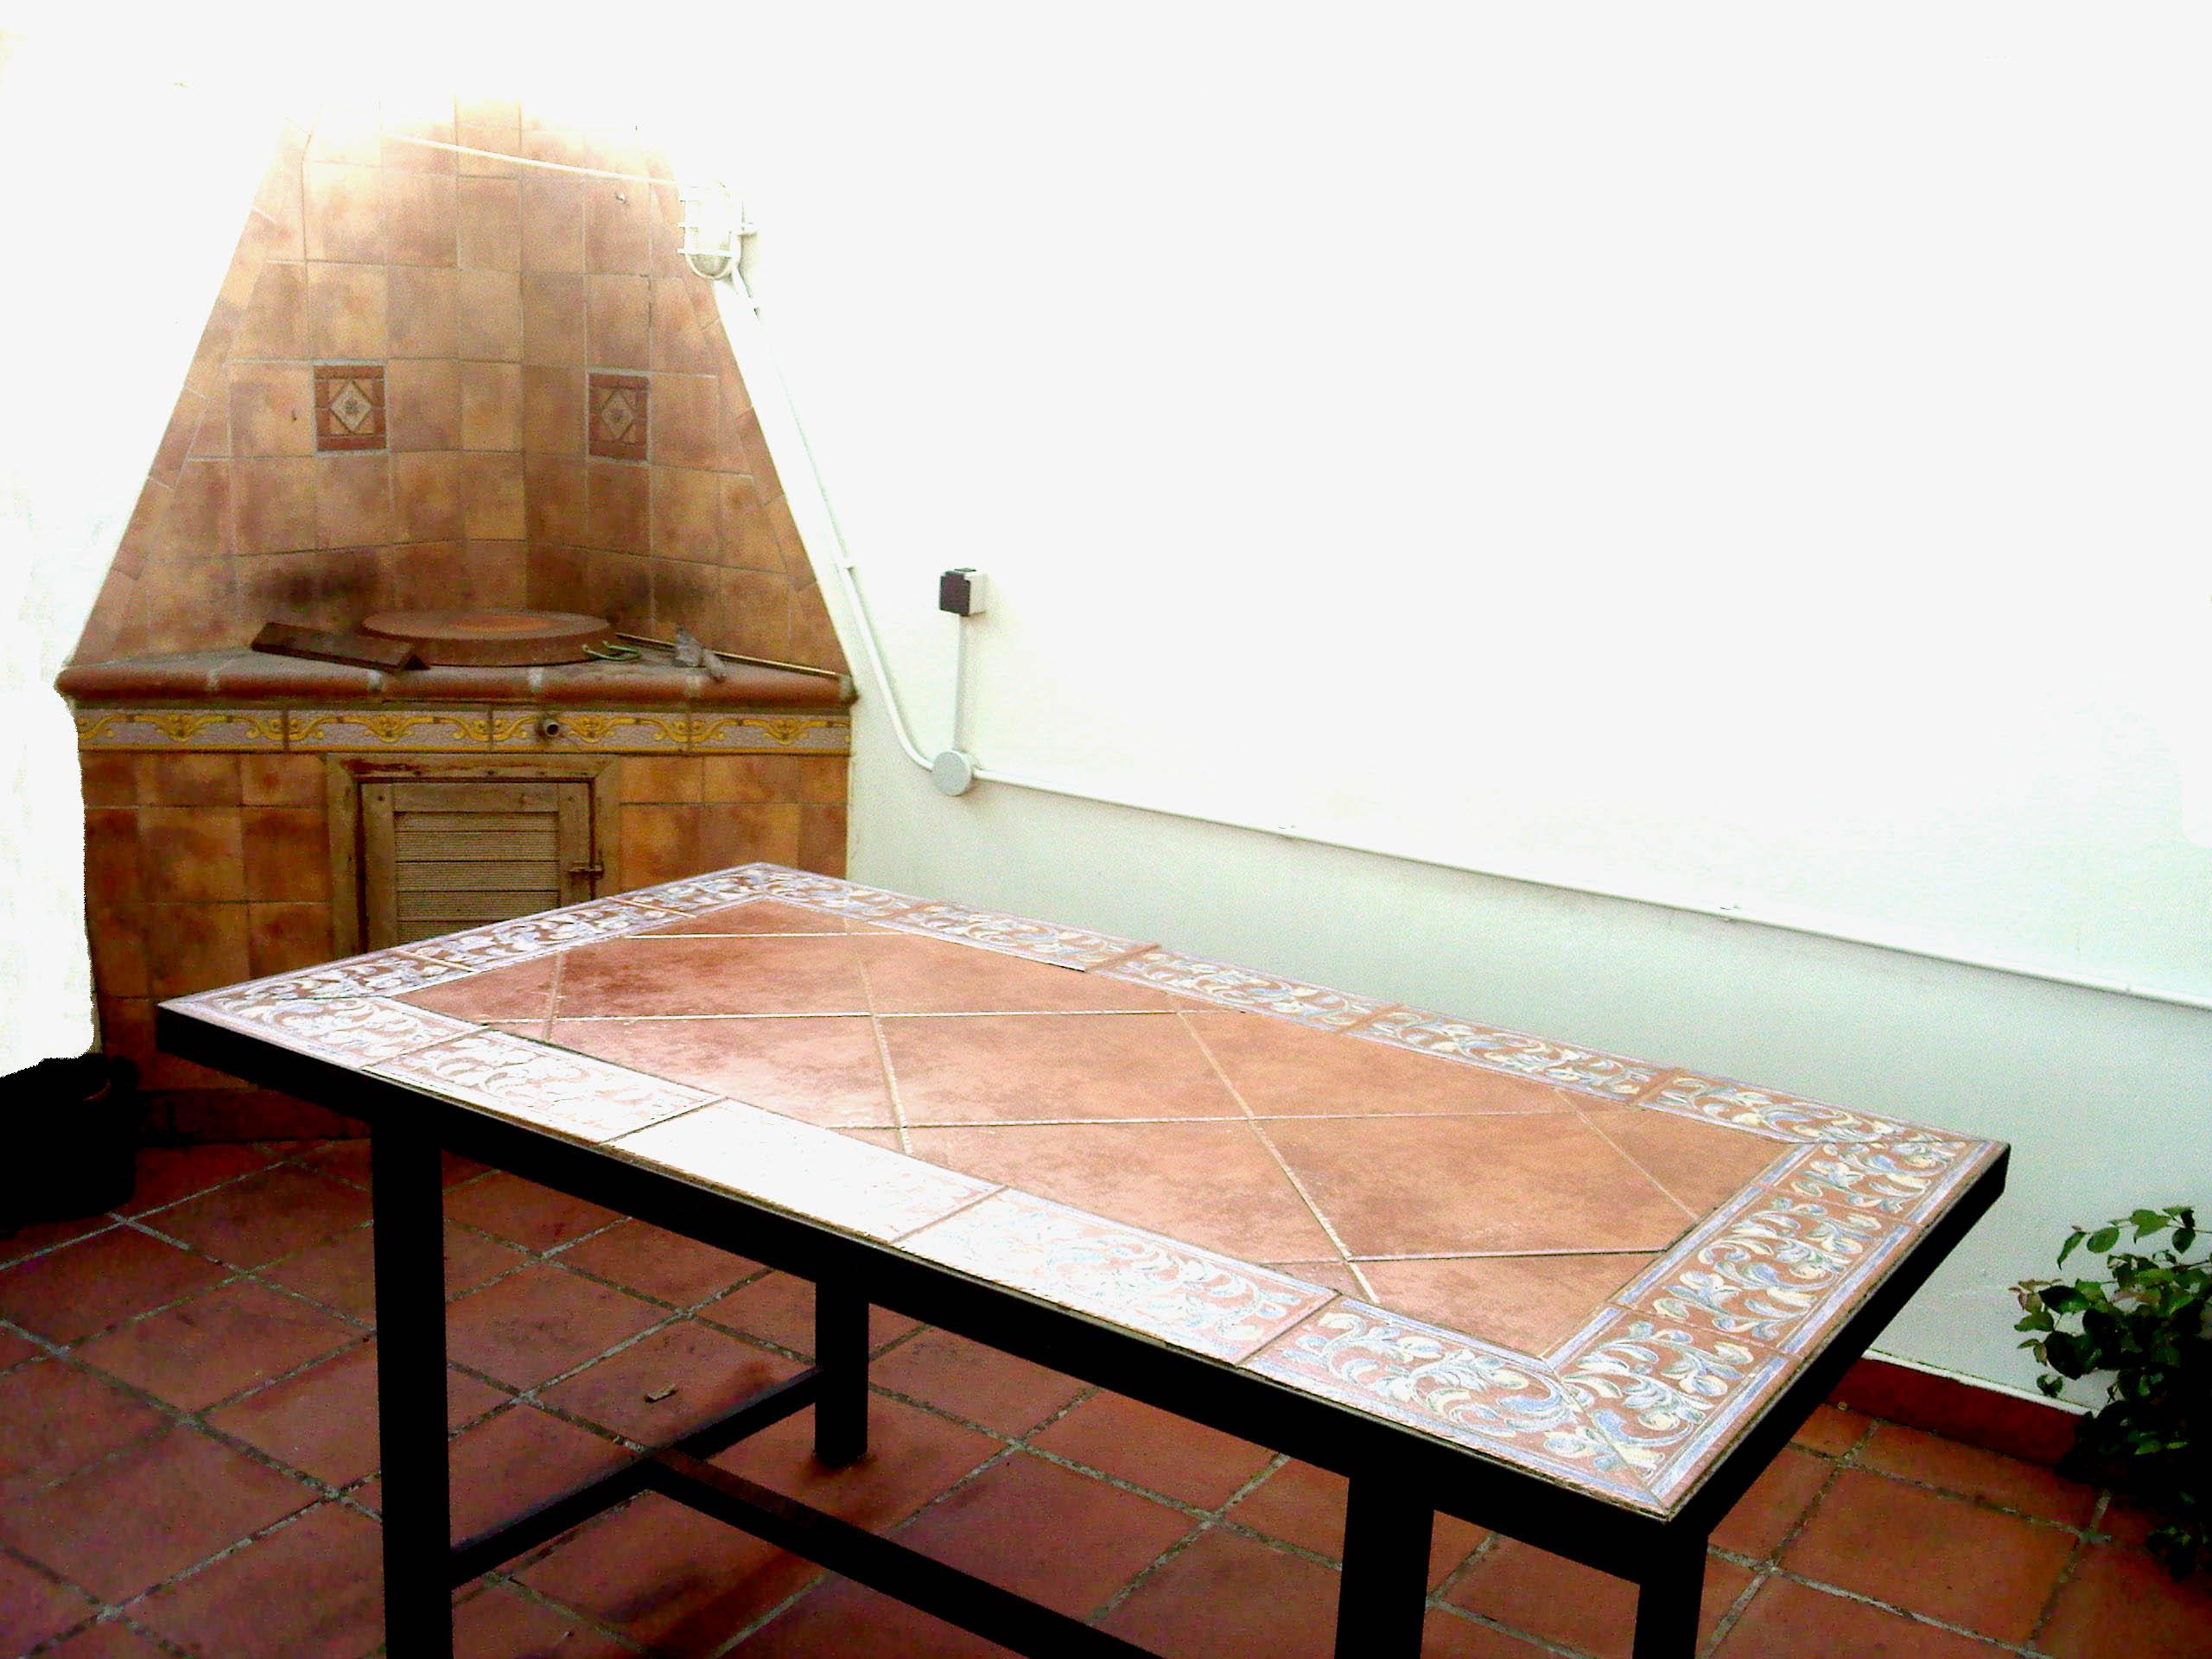 las mesas para exteriores responden a todo tipo de gustos y variedades utilizando materiales apropiados para su uso frente a las condiciones exteriores y